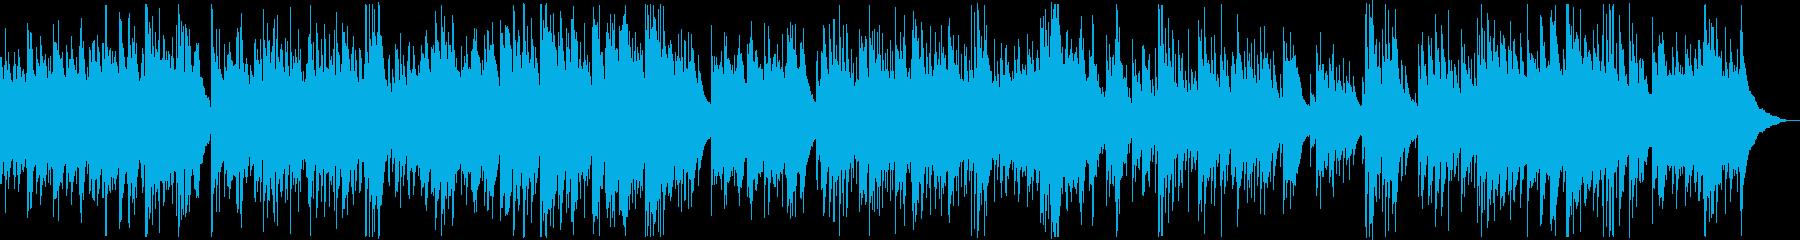 緑紀行の再生済みの波形